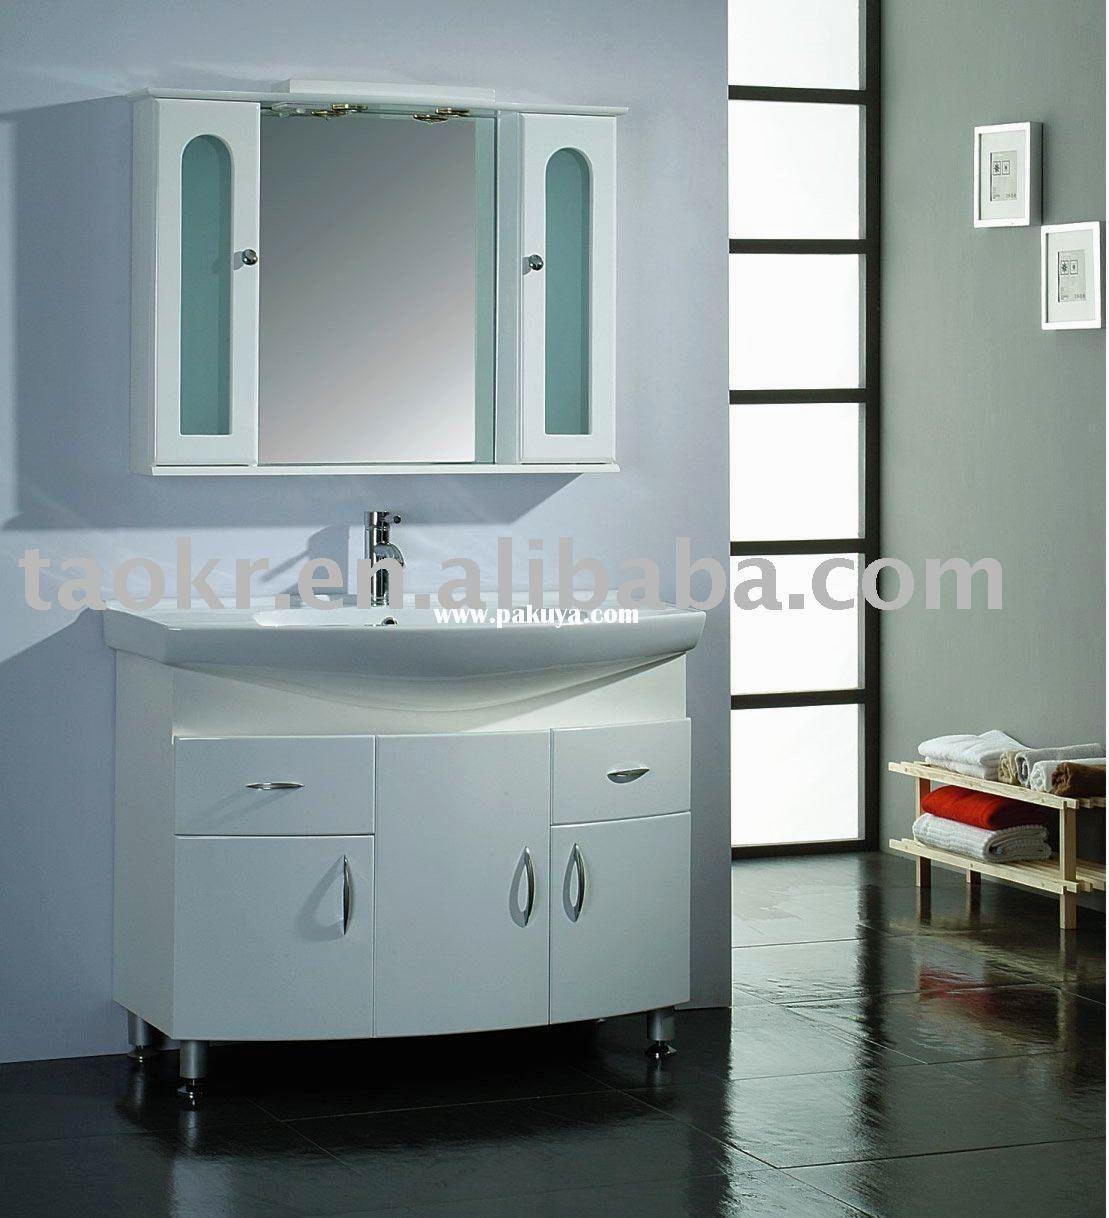 Fancy Bathroom Medicine Cabinet Mirror Photograph Bathroom Design Ideas Gallery Image And